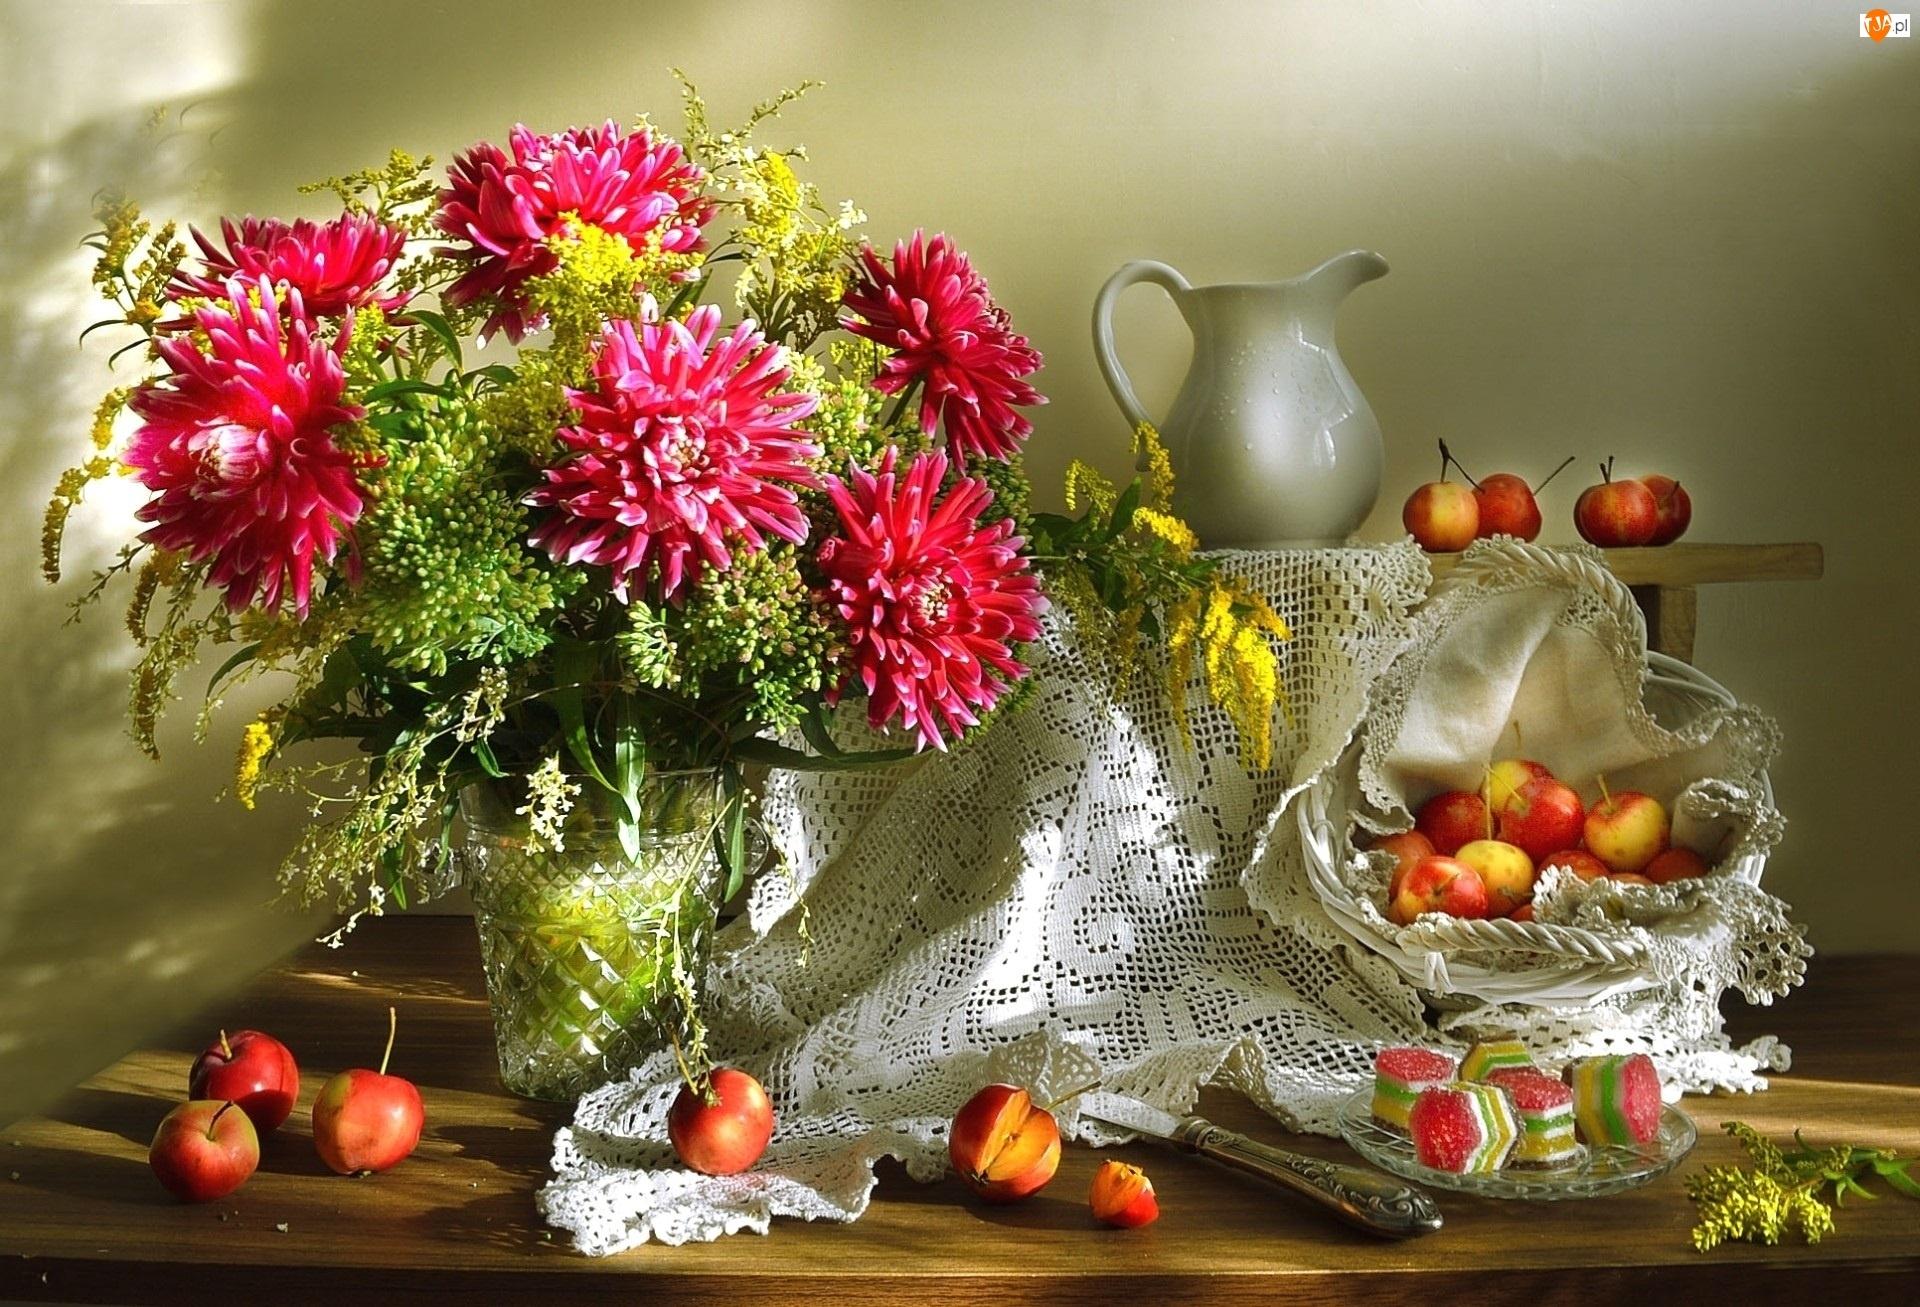 Kwiaty, Owoce, Bukiet, Chryzantemy